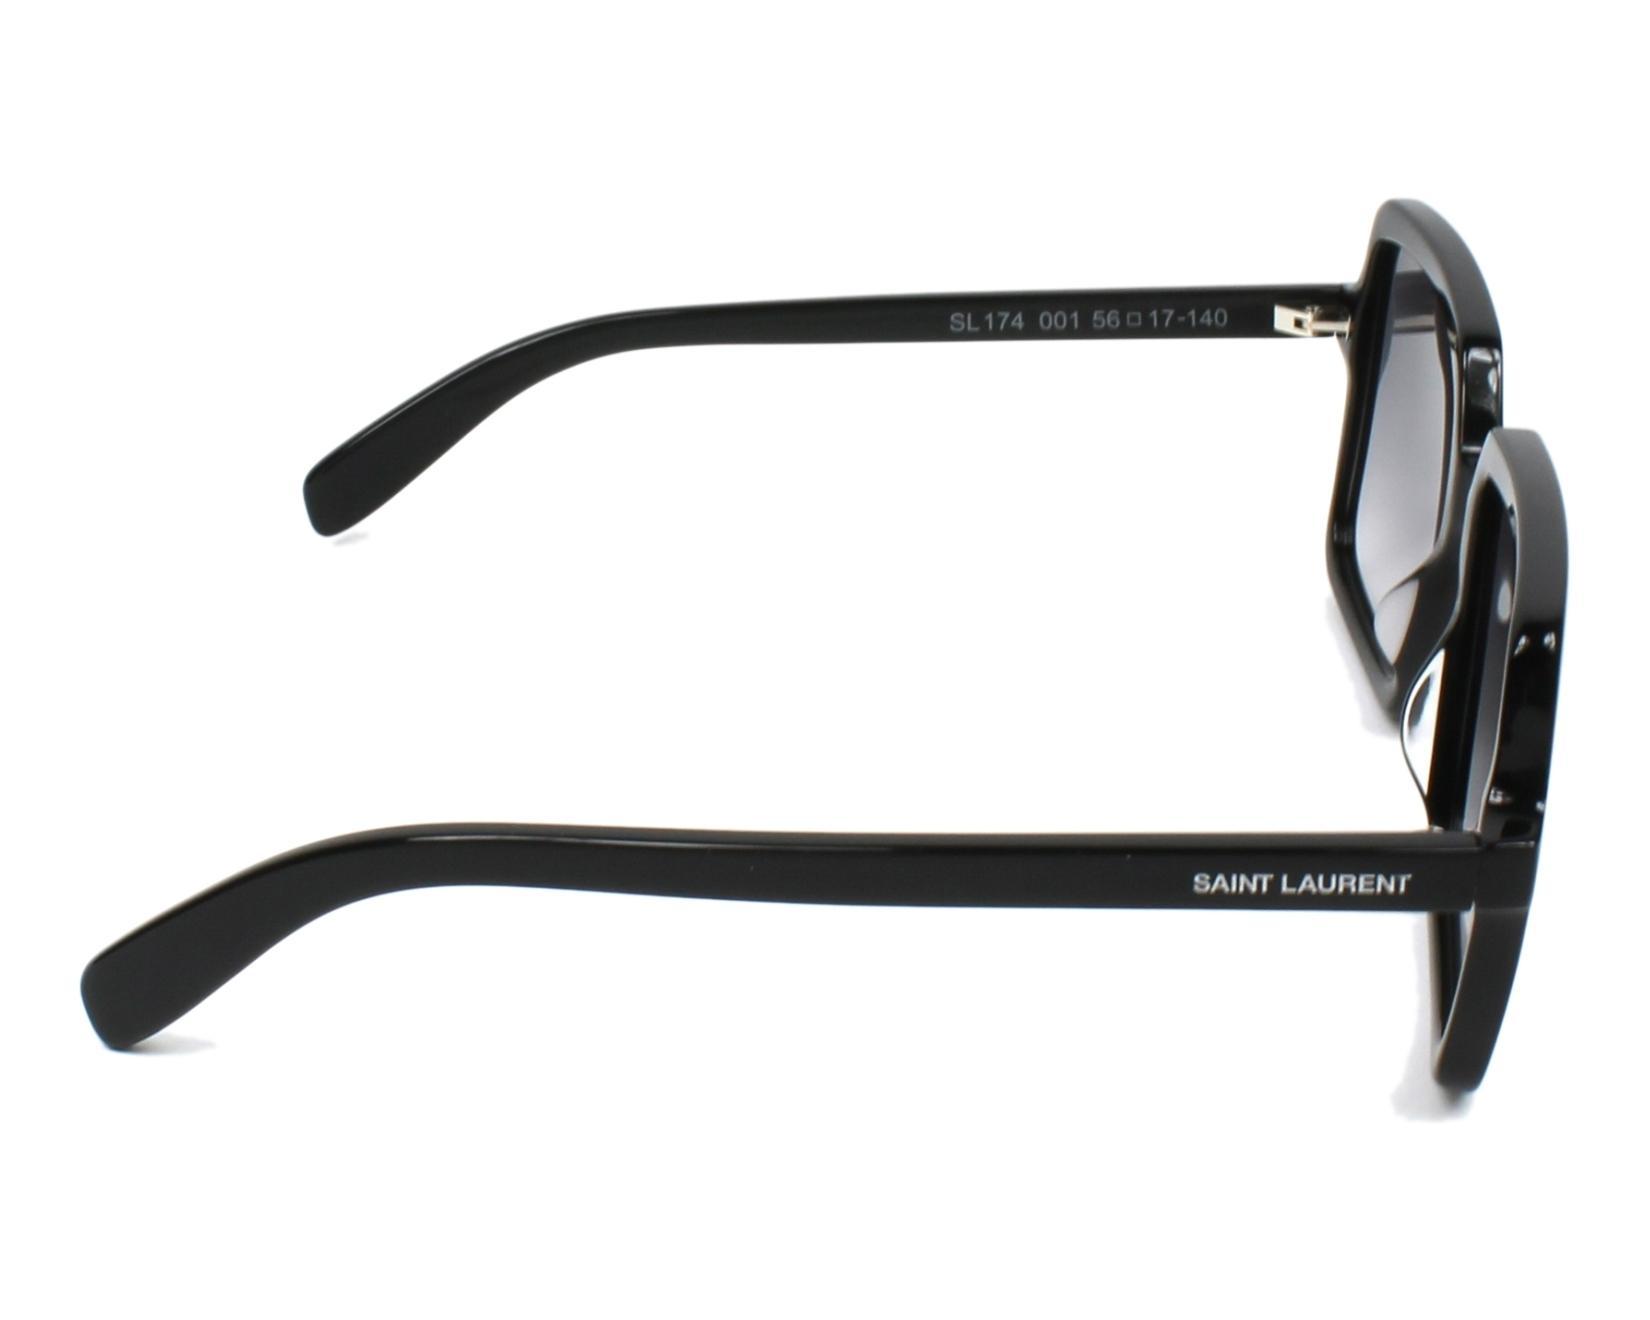 29c1a3e4913 Sunglasses Yves Saint Laurent SL-174 001 56-17 Black side view